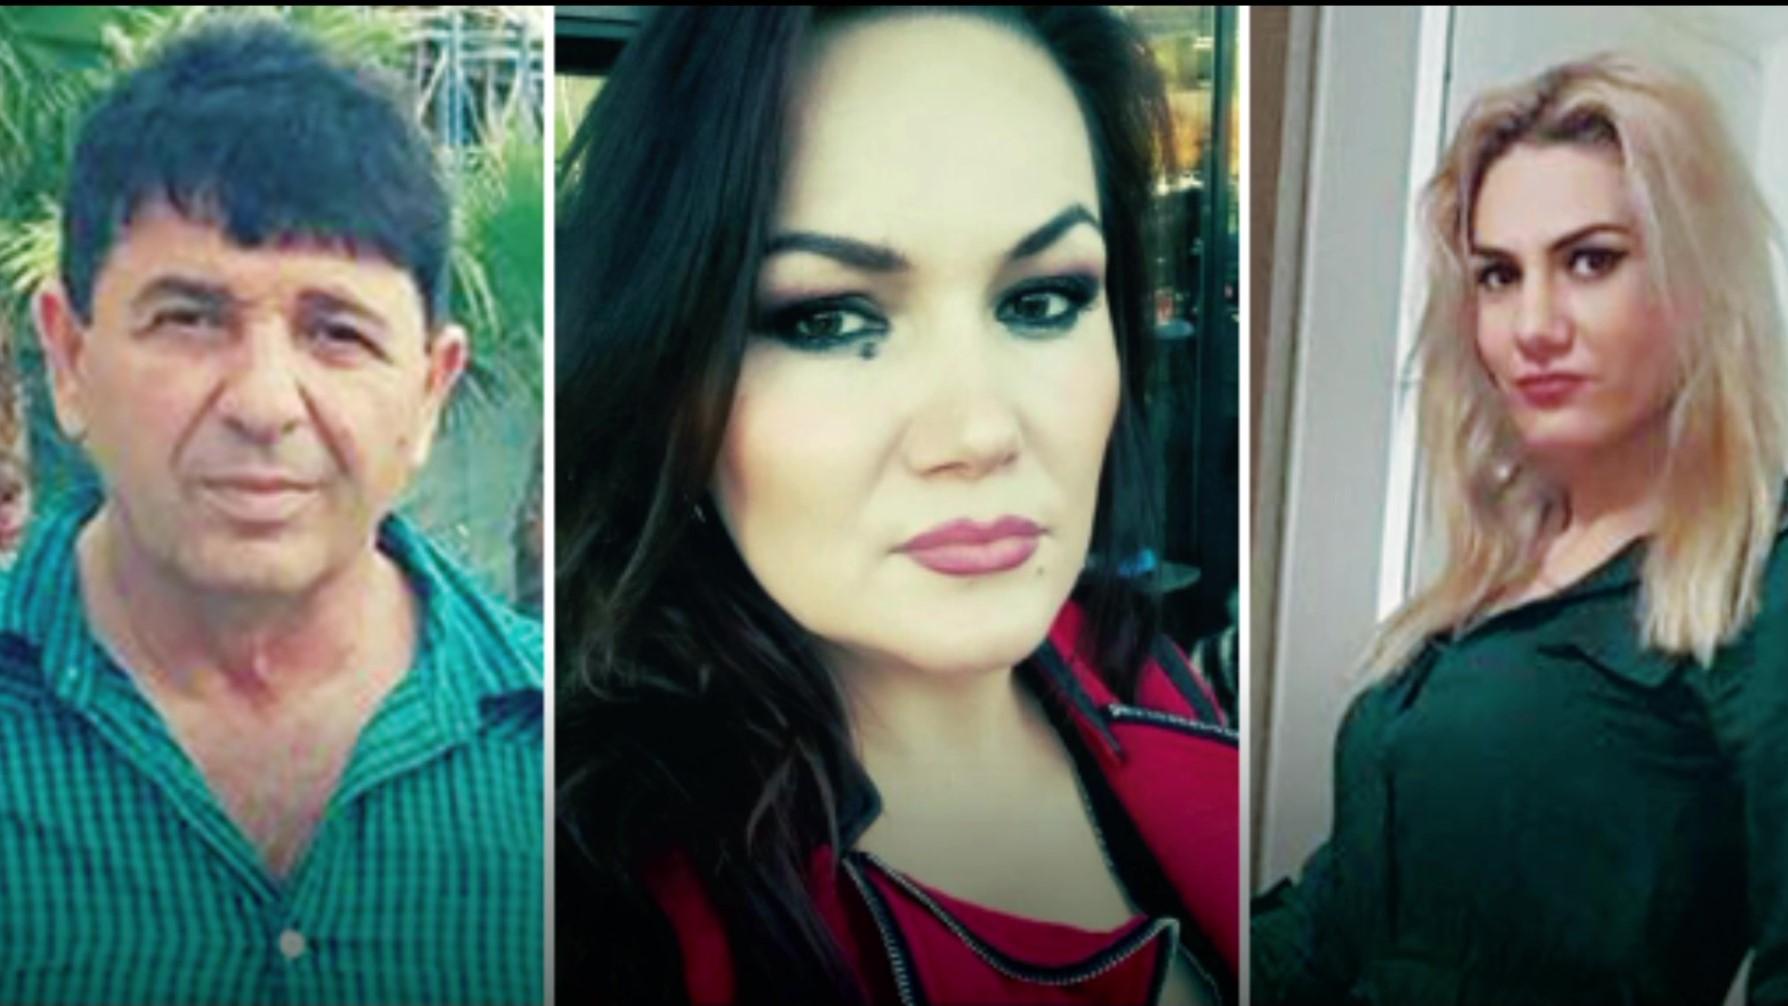 Vrasja e dy vajzave lezhjane në Zvicër/Familja Frroku hap dyert e mortit